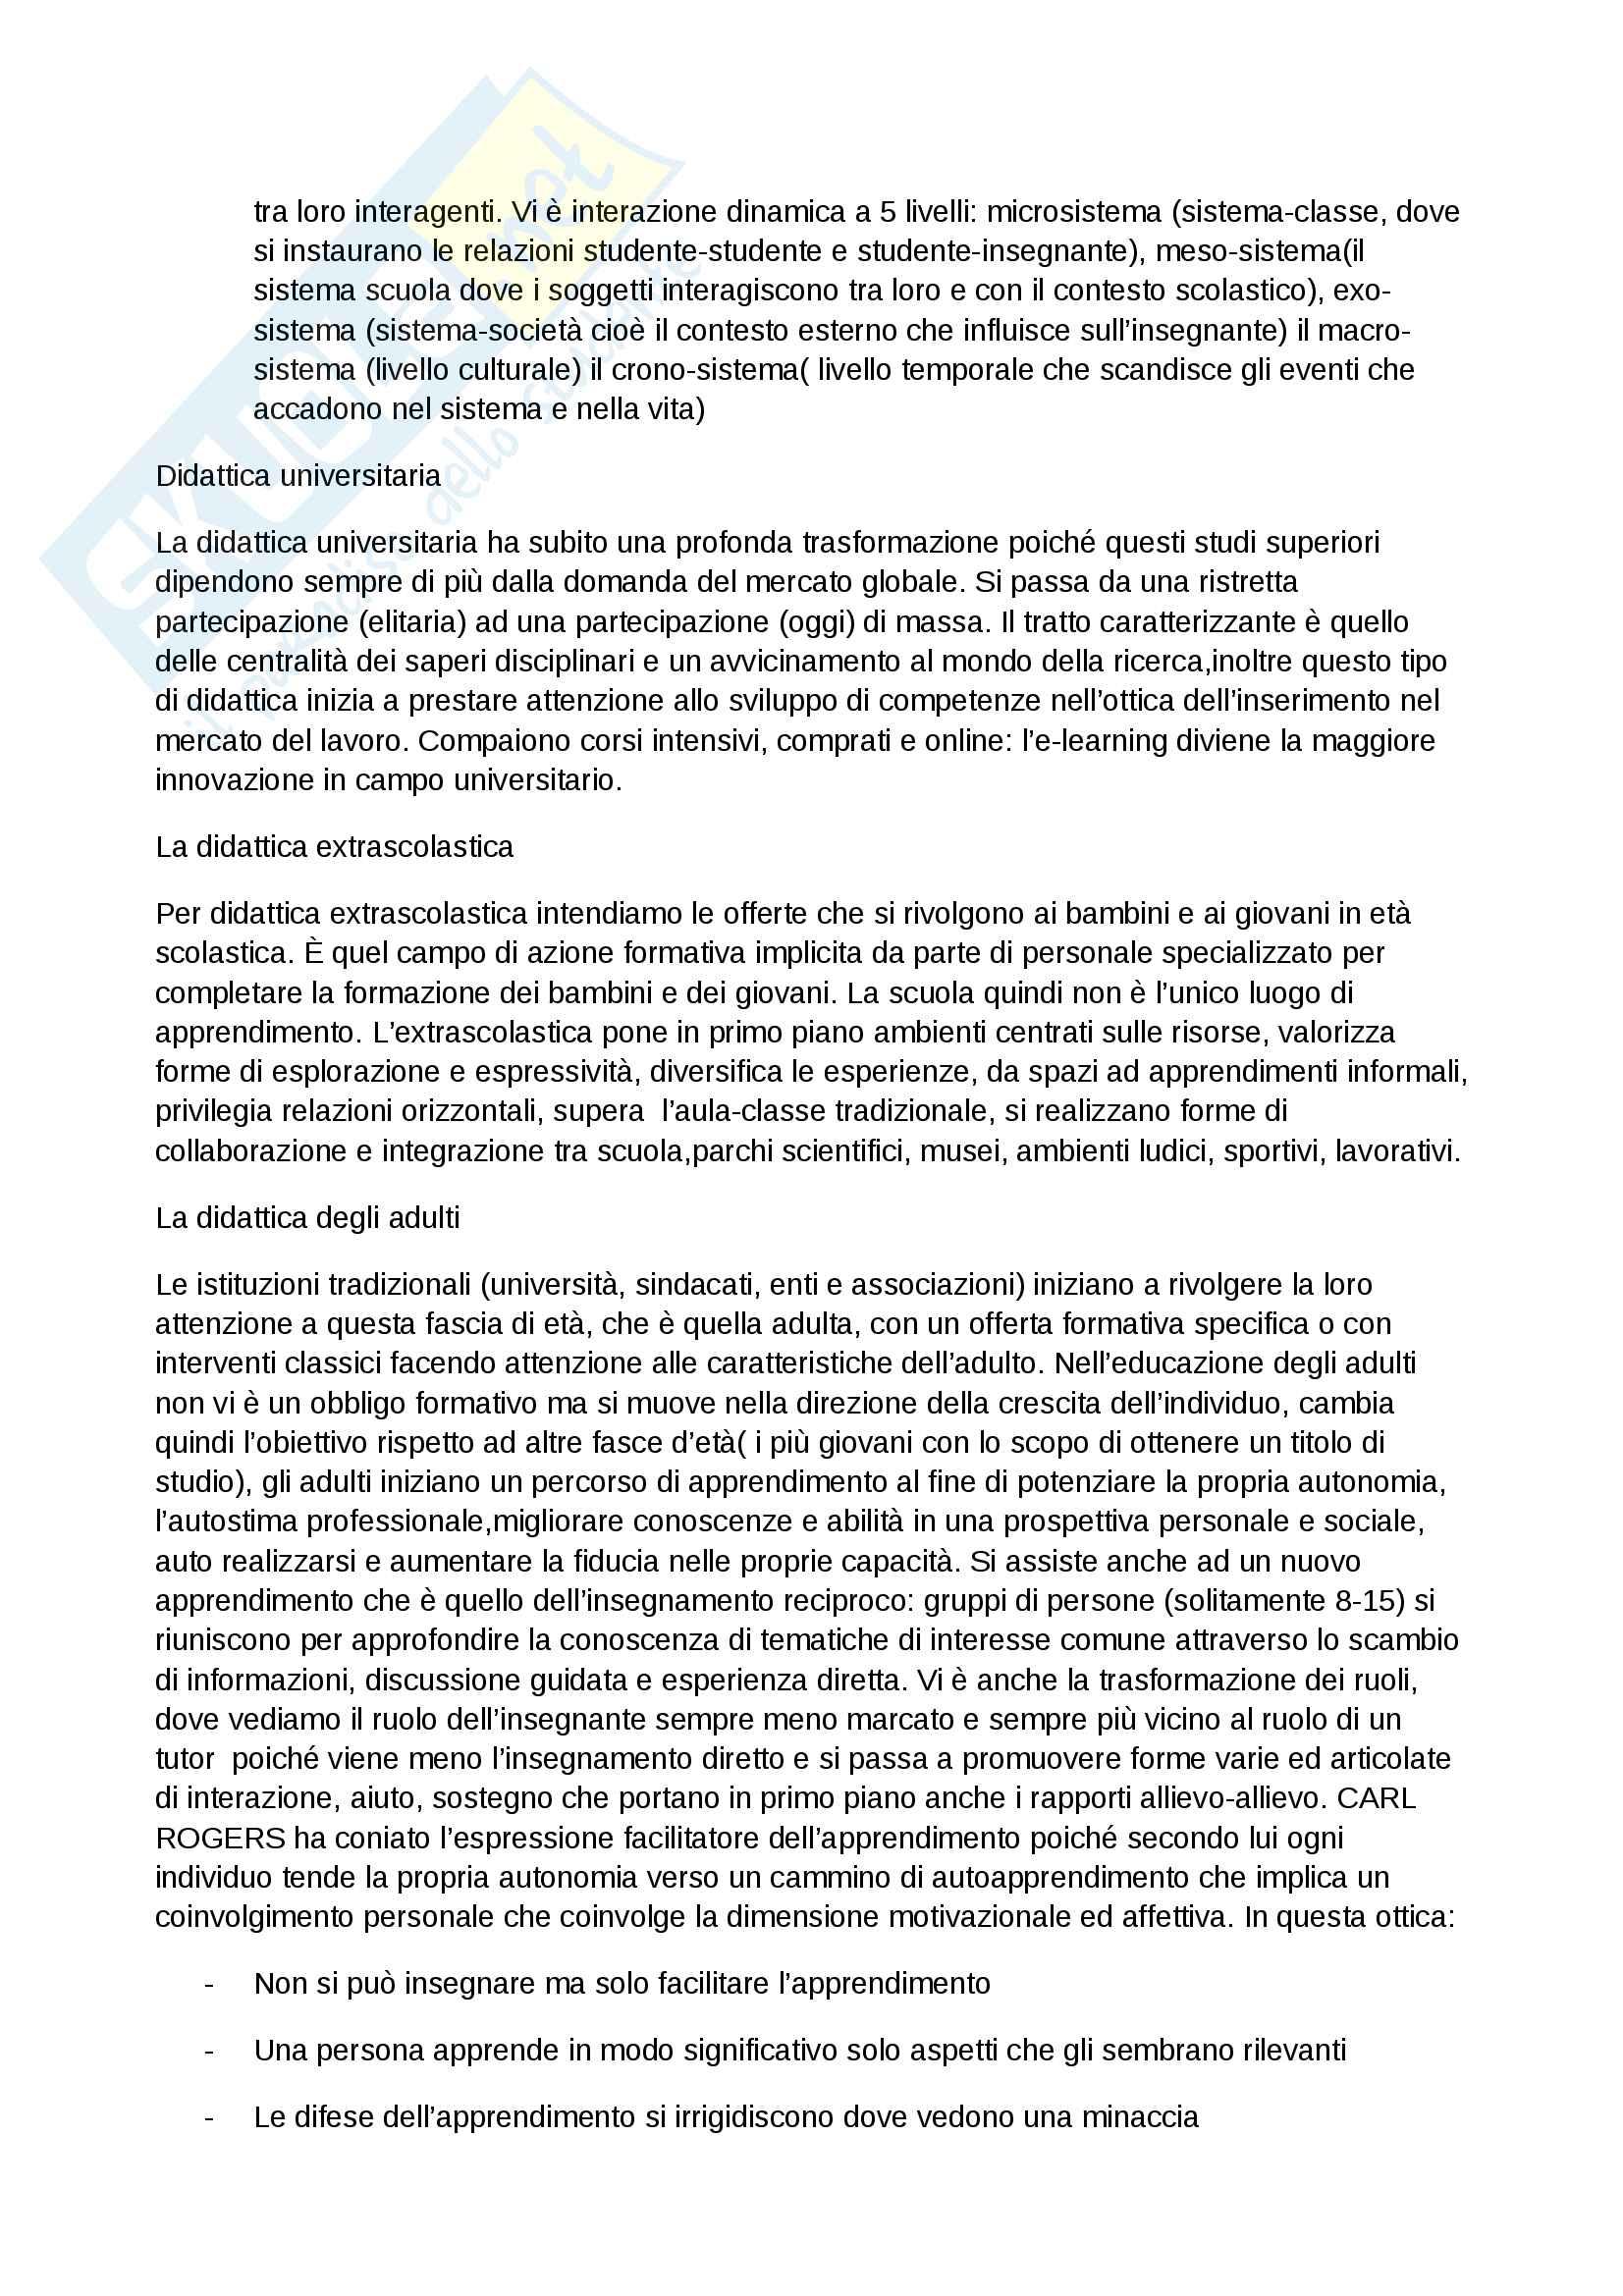 """Riassunto esame Didattica generale, docente prof.ssa Palomba, libro consigliato """"Fondamenti di didattica, teoria e prassi dei dispositivi formativi"""" (Bonaiuti, Calvani, Ranieri) Pag. 21"""